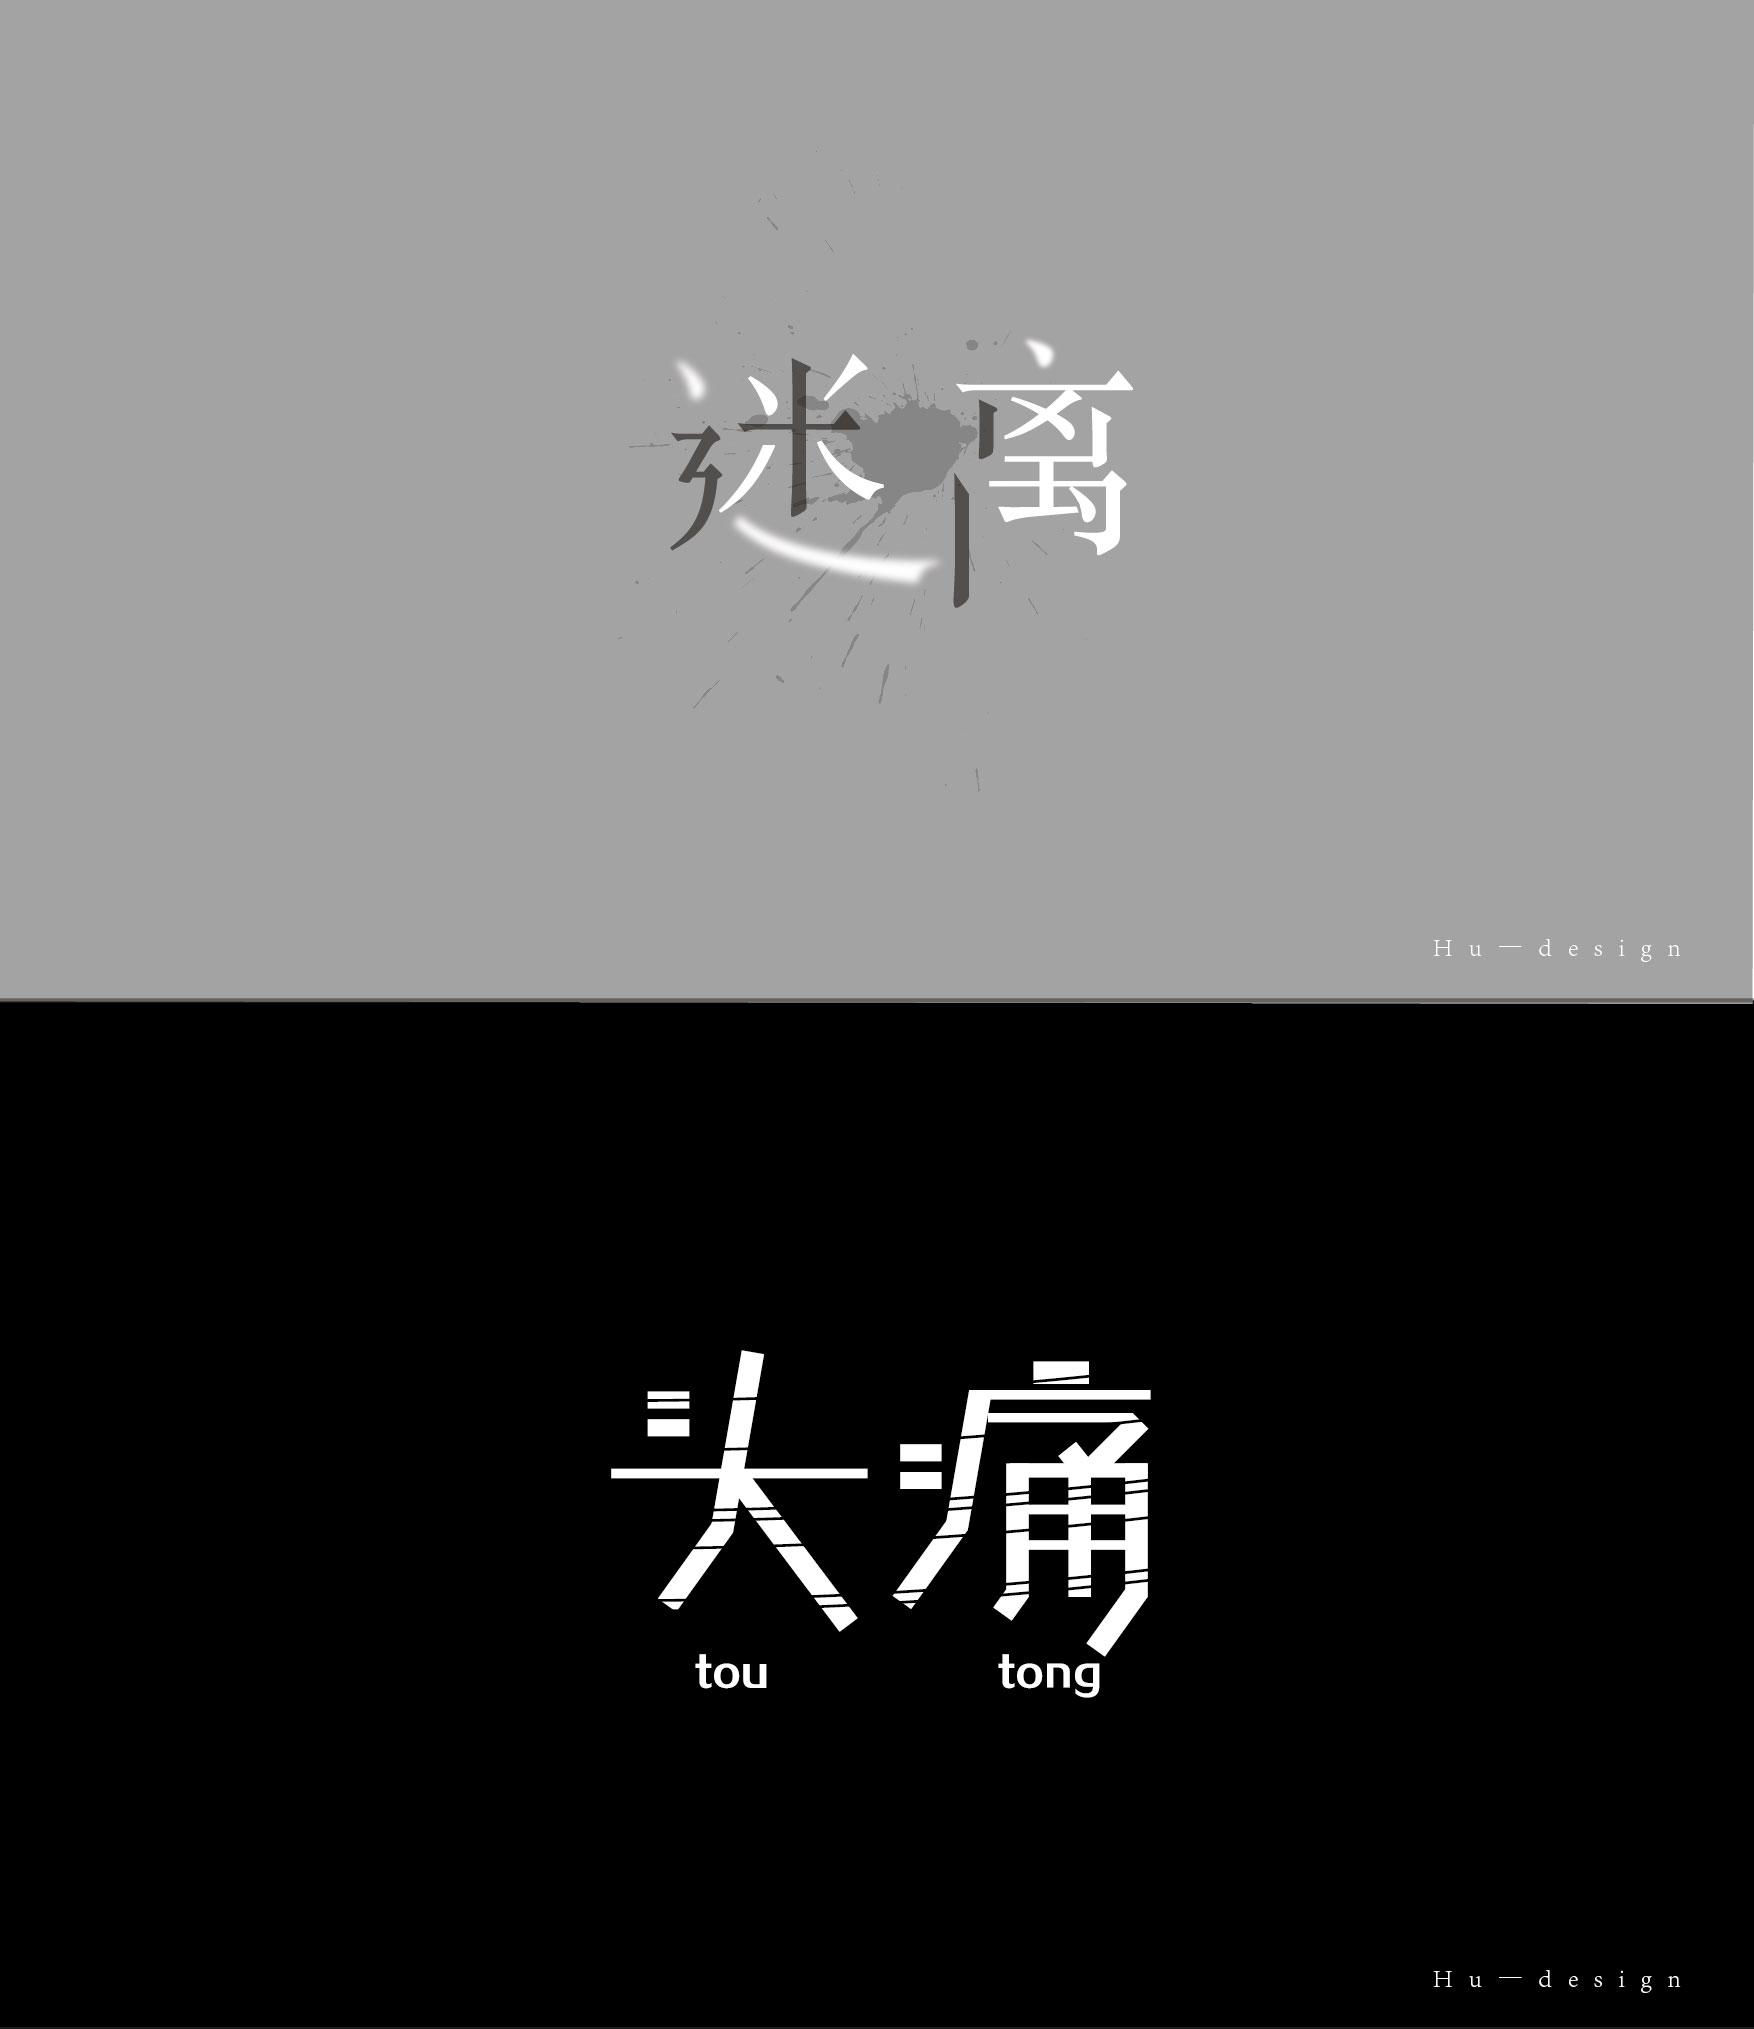 字体设计|平面|字体/字形|设计你我他 - 原创作品图片